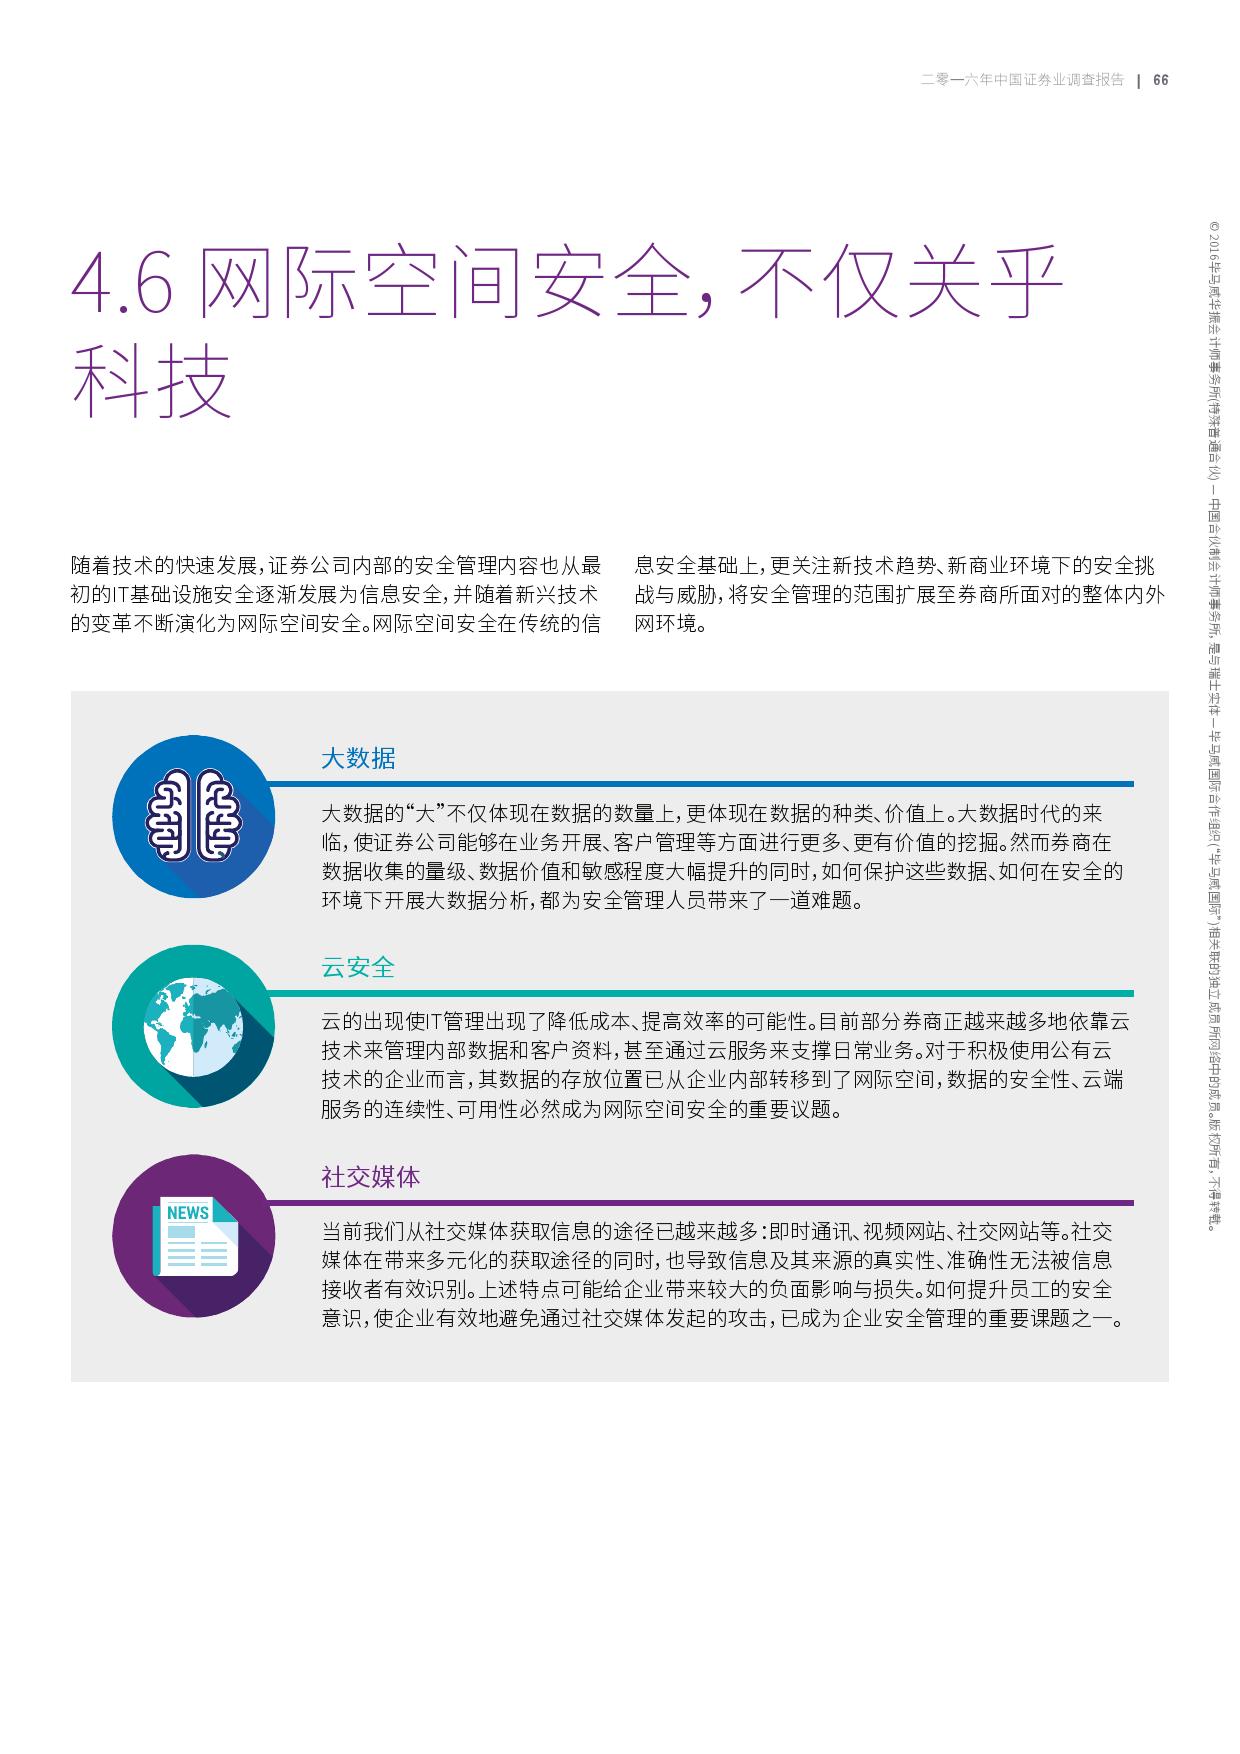 2016年中国证券业调查报告_000069